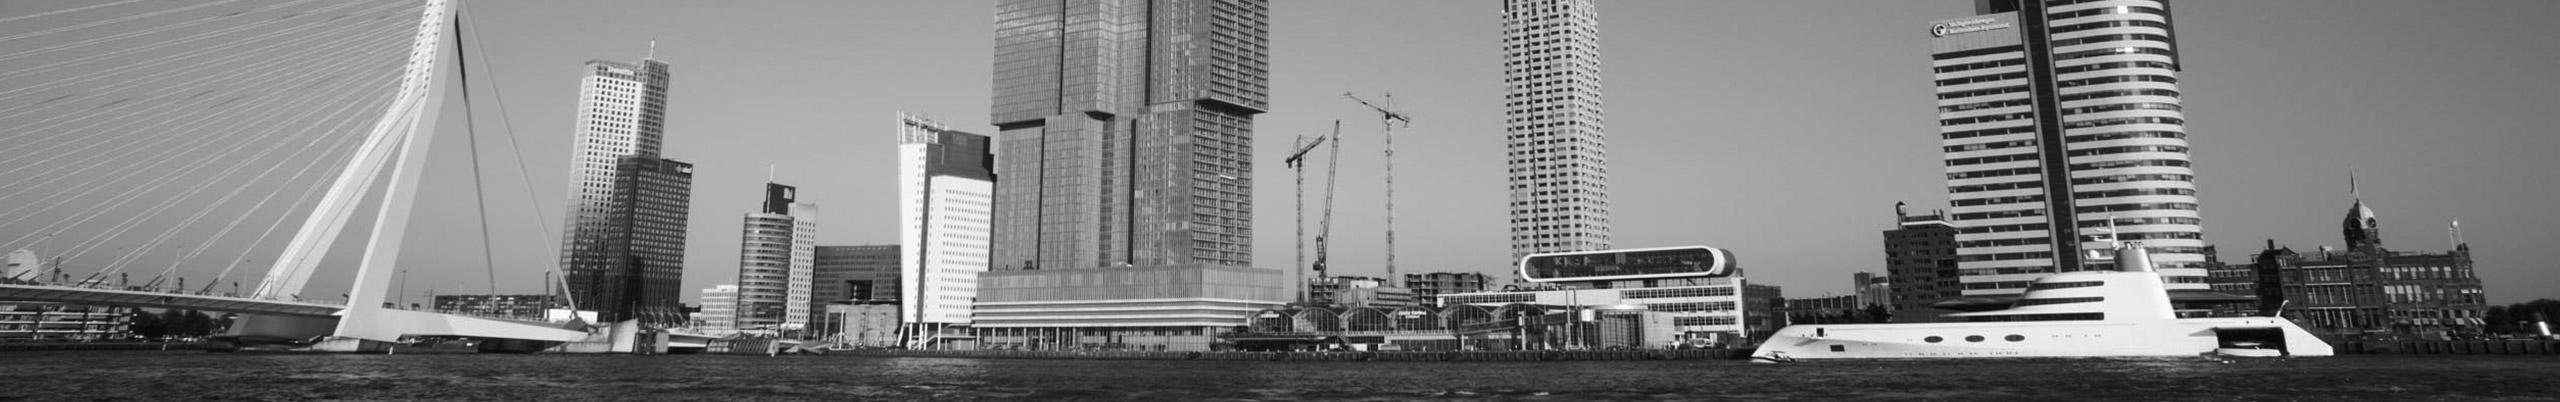 Philippe Starck A Yacht Rotterdam zwart wit foto